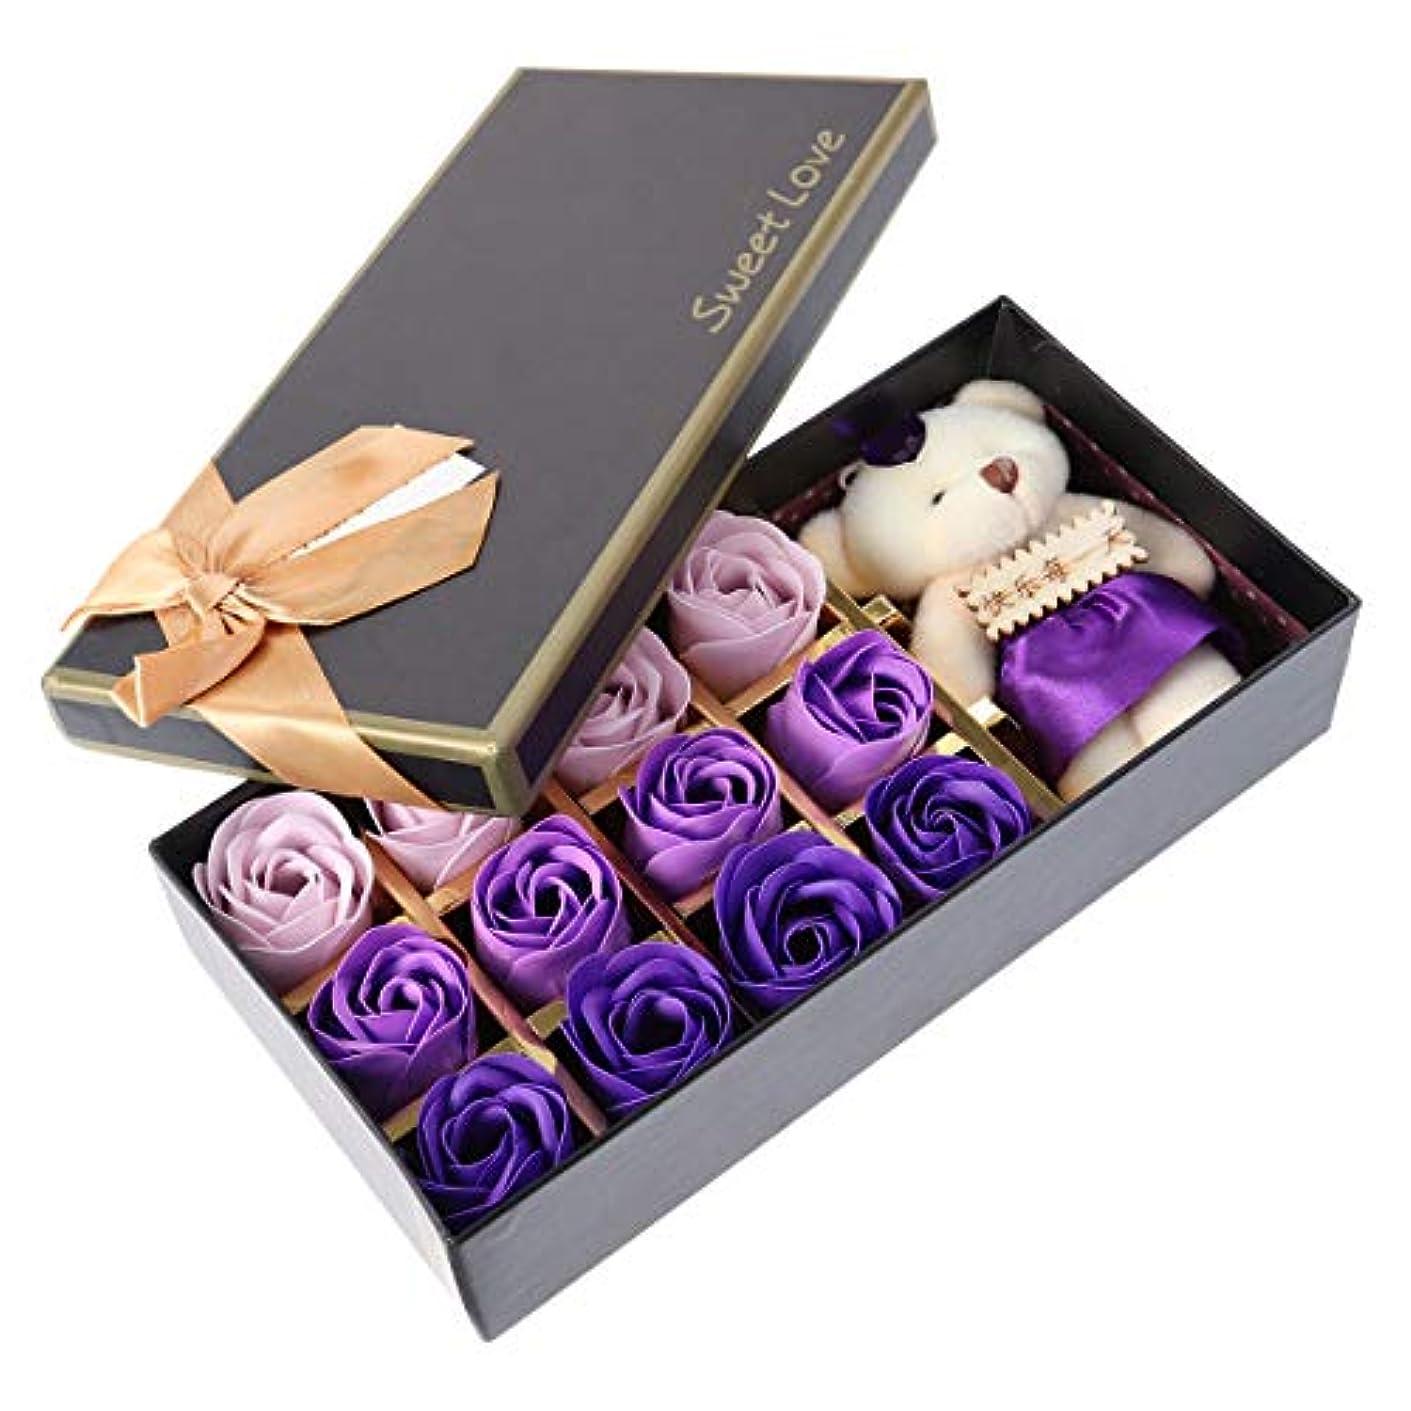 まっすぐにする中断モートBeaupretty バレンタインデーの結婚式の誕生日プレゼントのための小さなクマとバラの石鹸の花